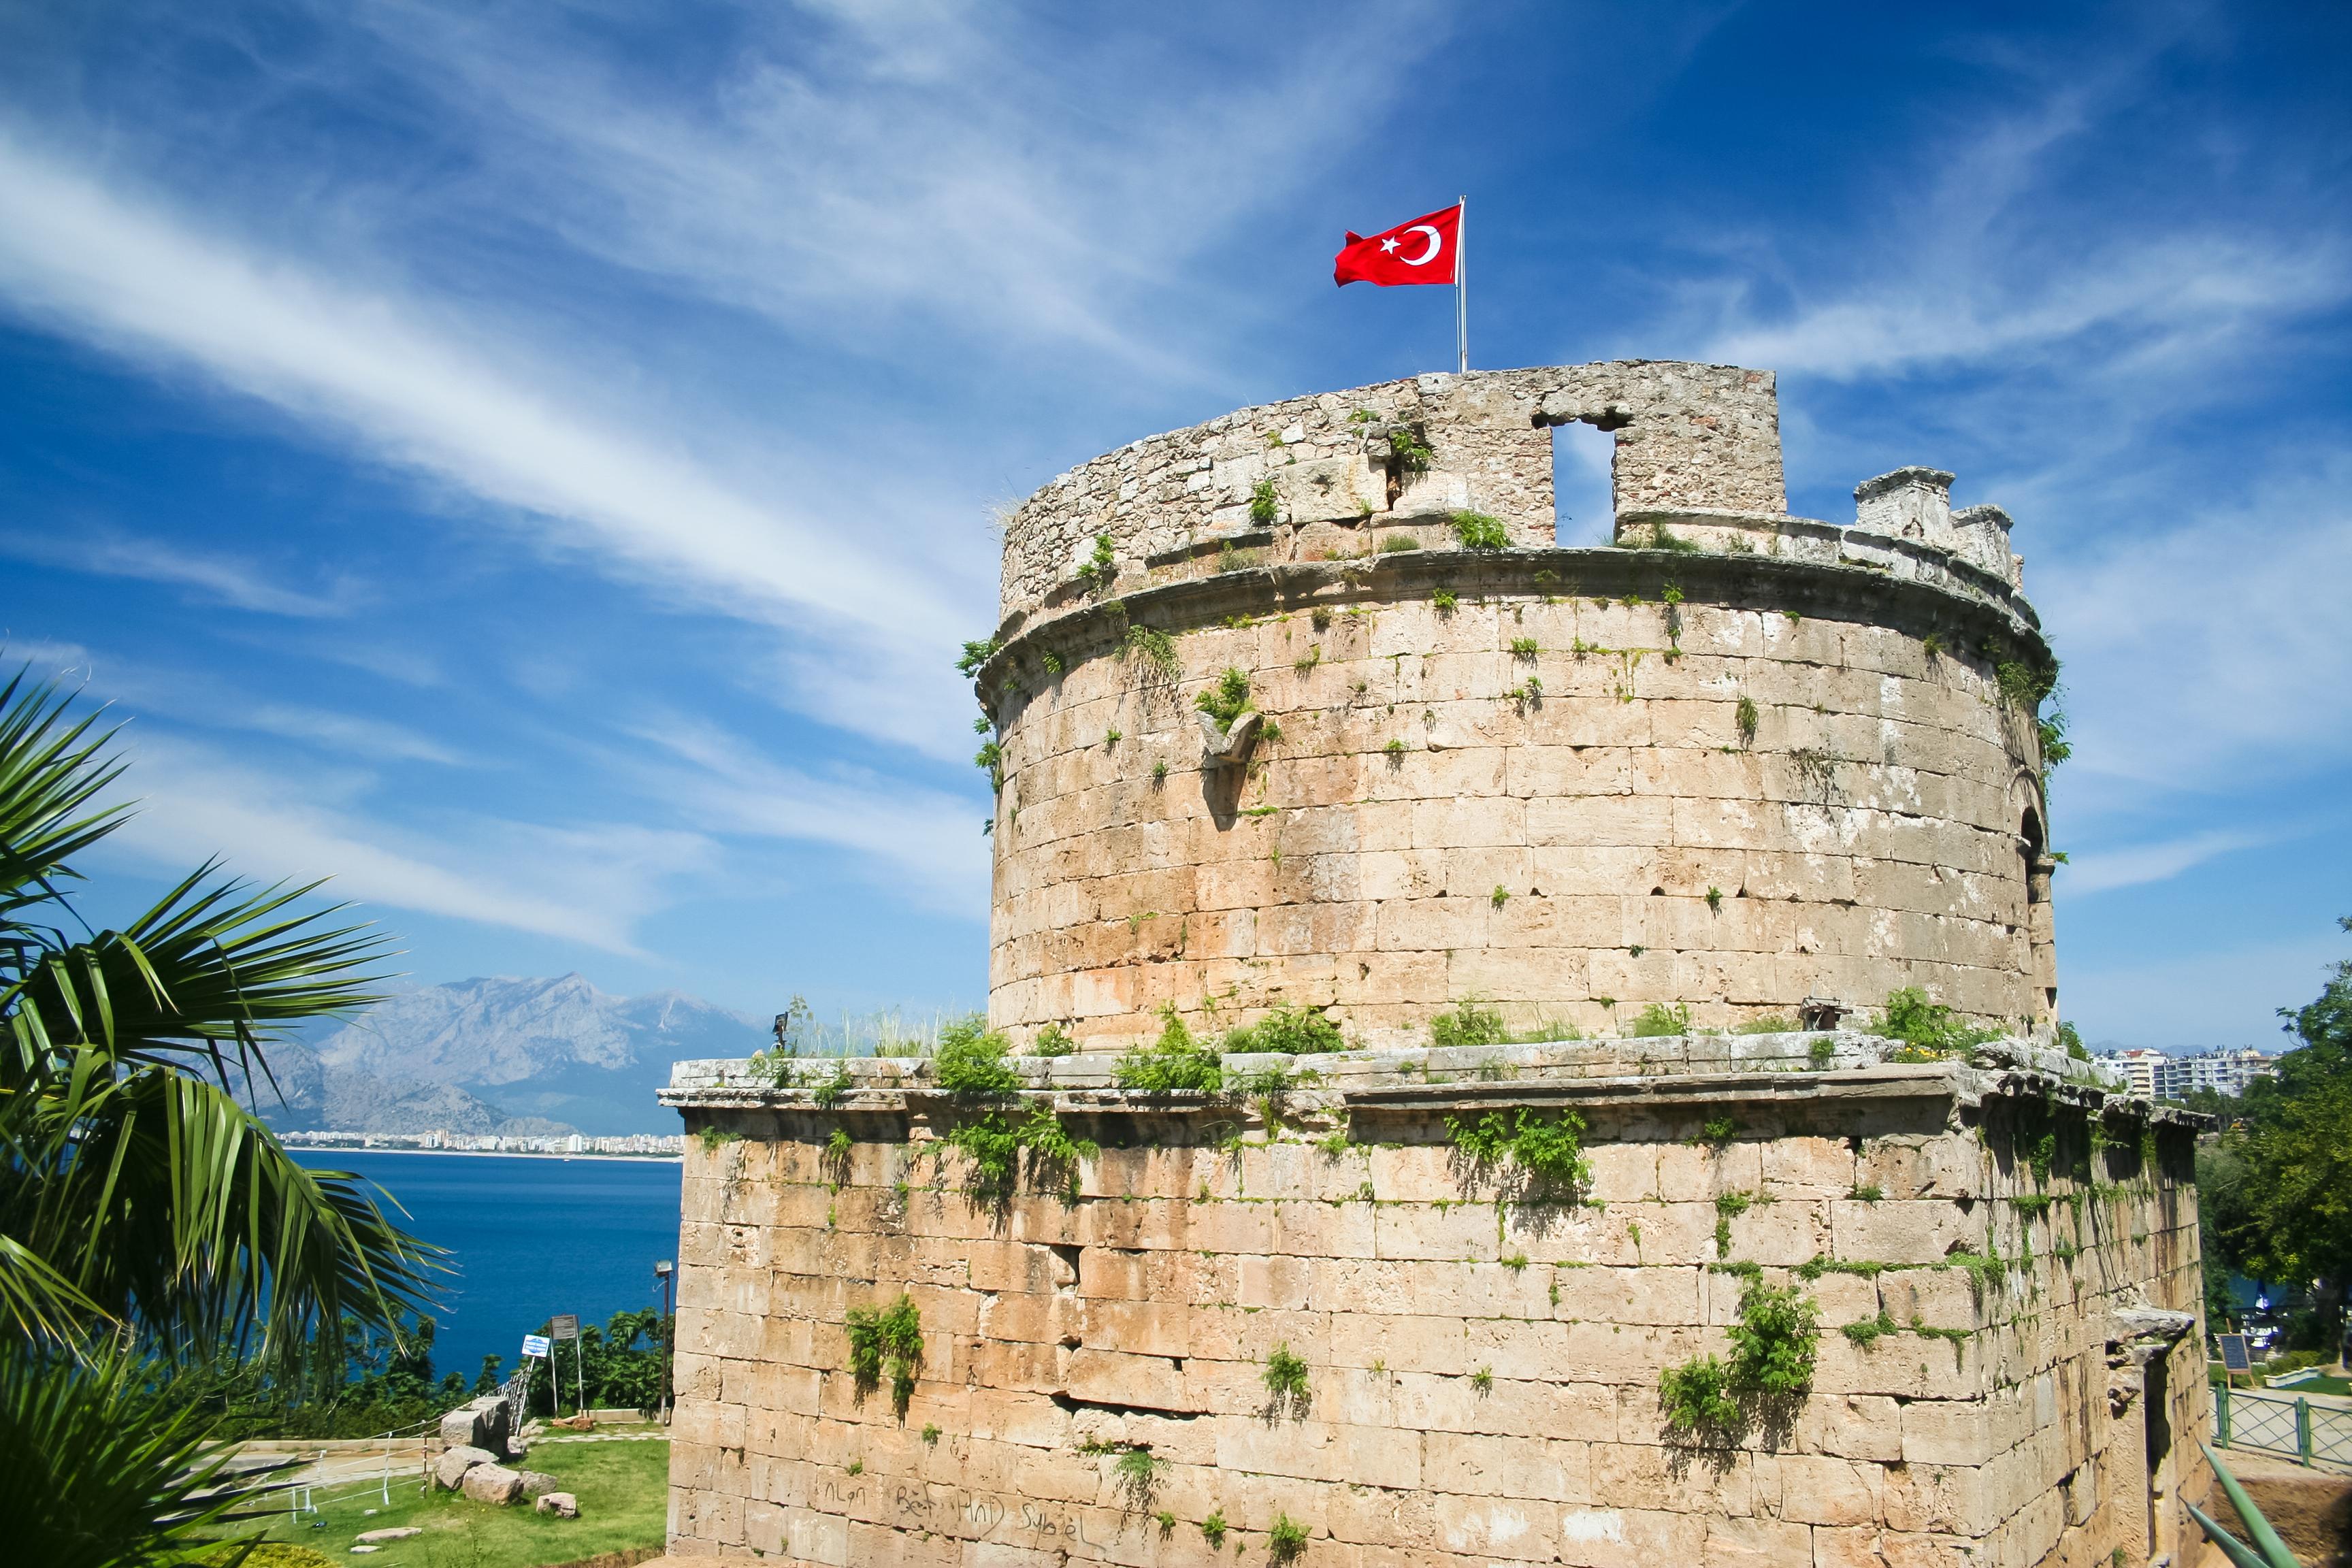 Крепость Хыдырлык. Анталия, Турция.